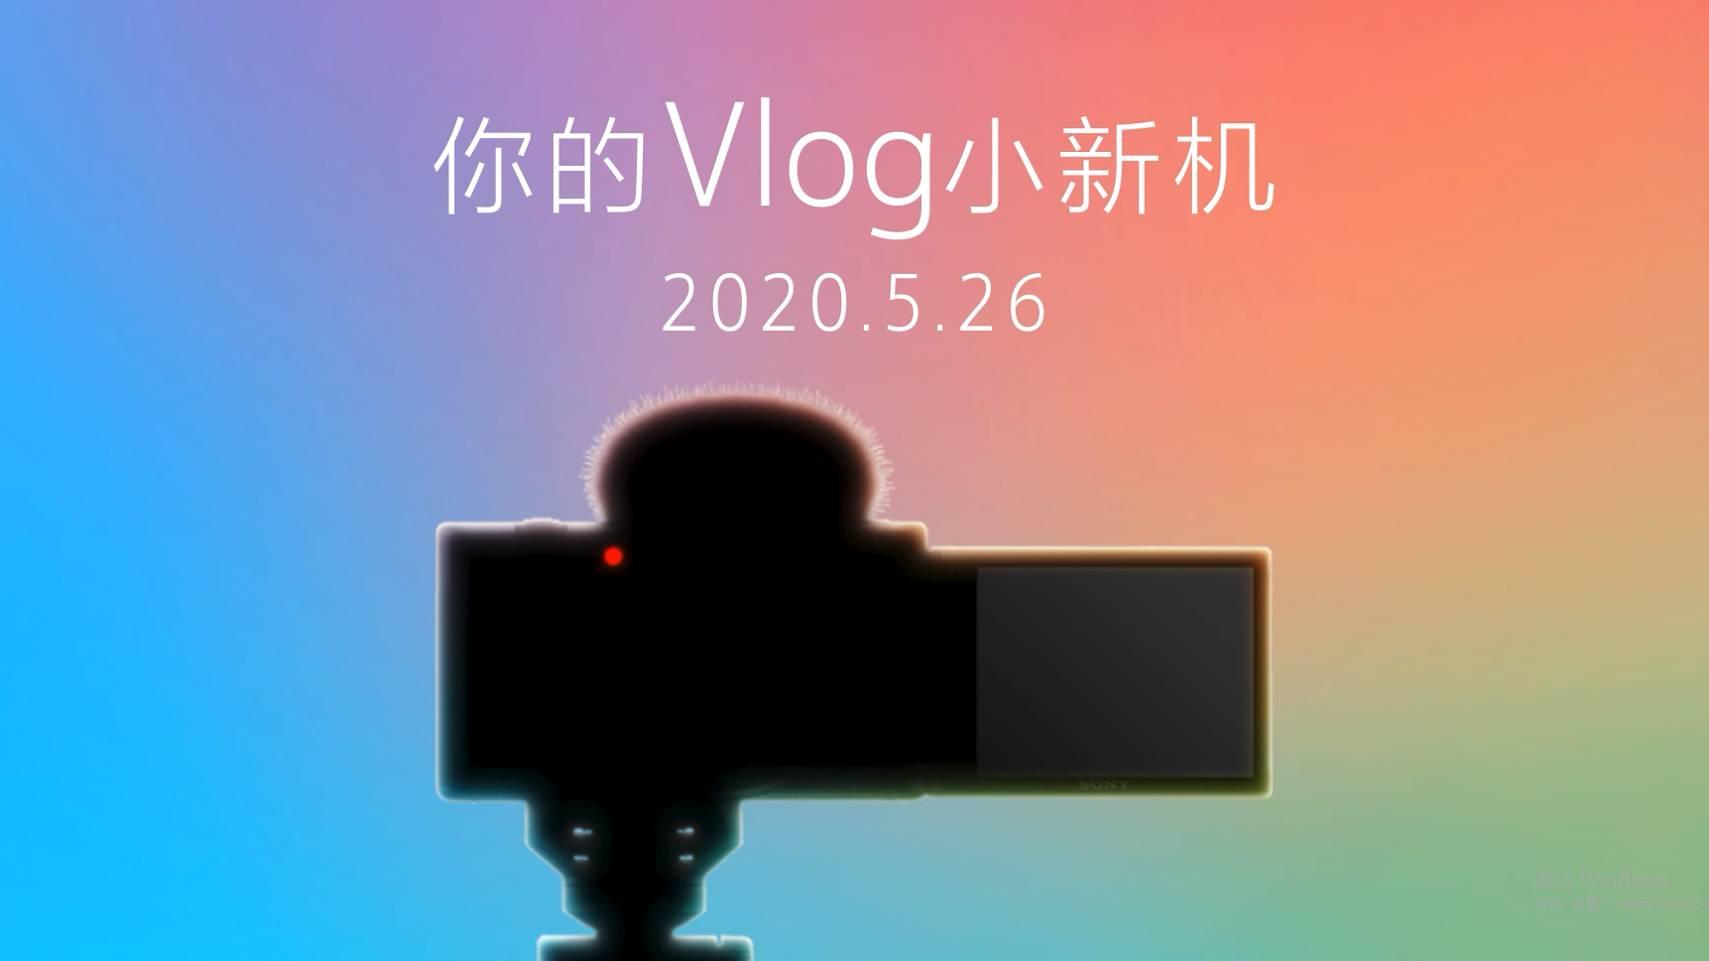 索尼发布vlog新机勾引视频